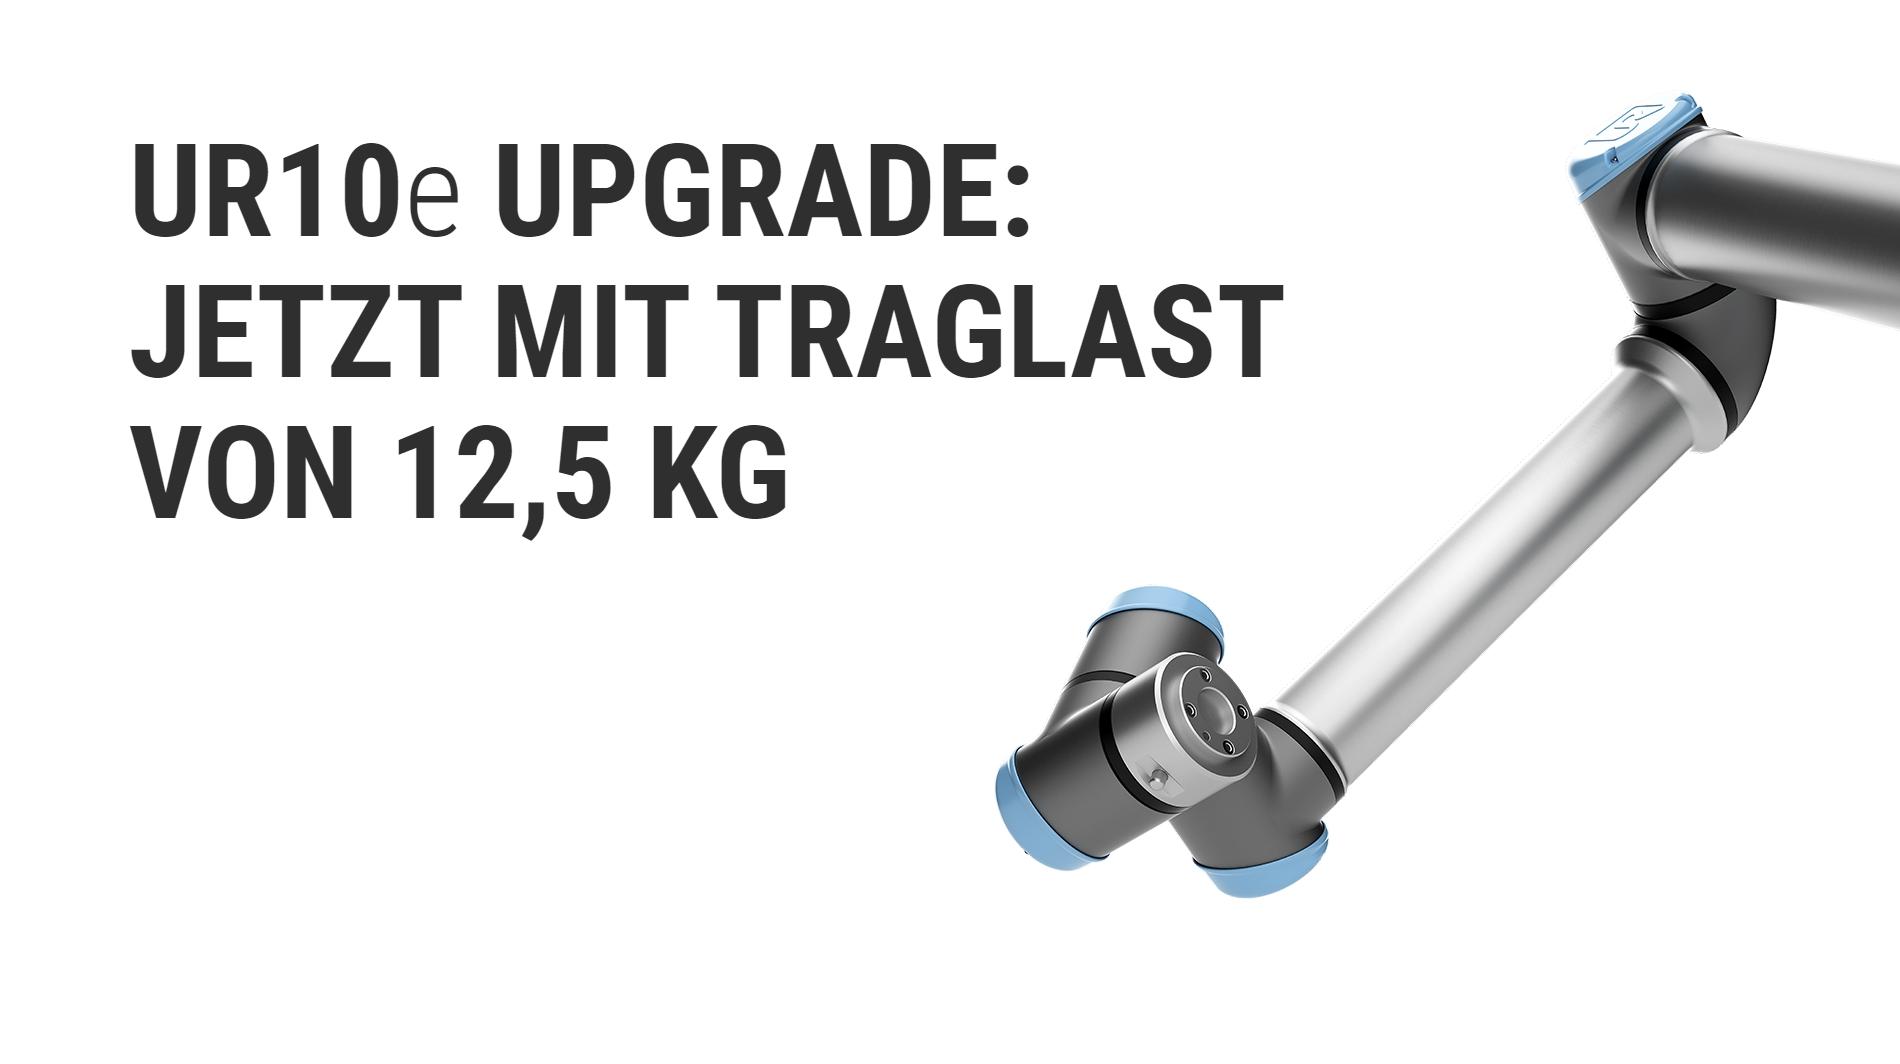 PRODUTKE UPDATE: UR10e mit 25% mehr Traglast